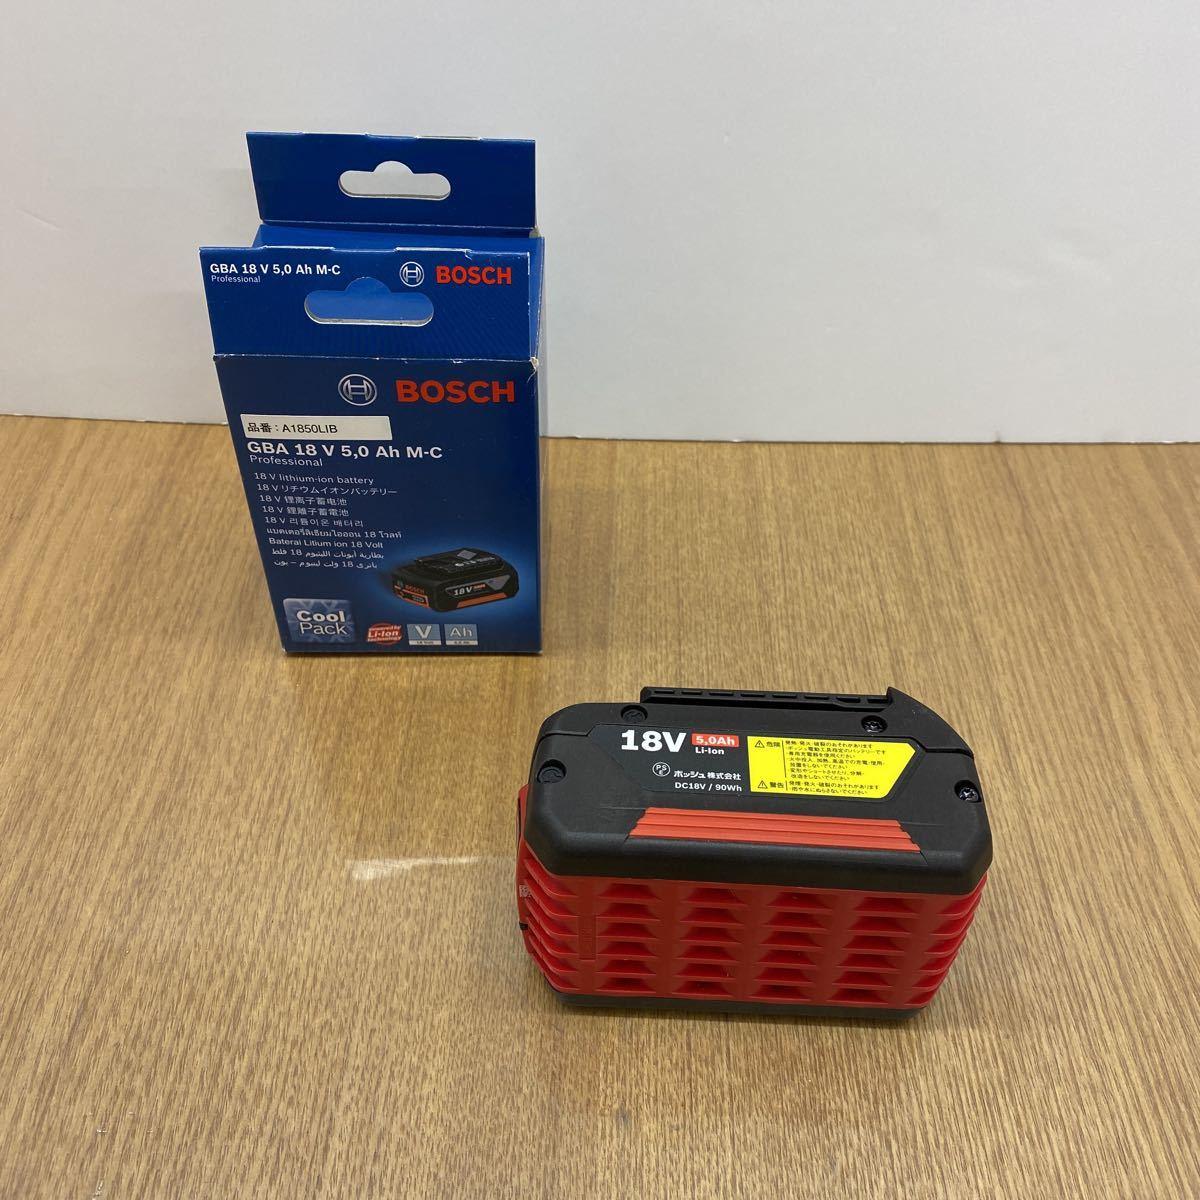 ボッシュ 18V リチウムイオンバッテリー 18V 5.0Ah BOSCH 新品_画像1